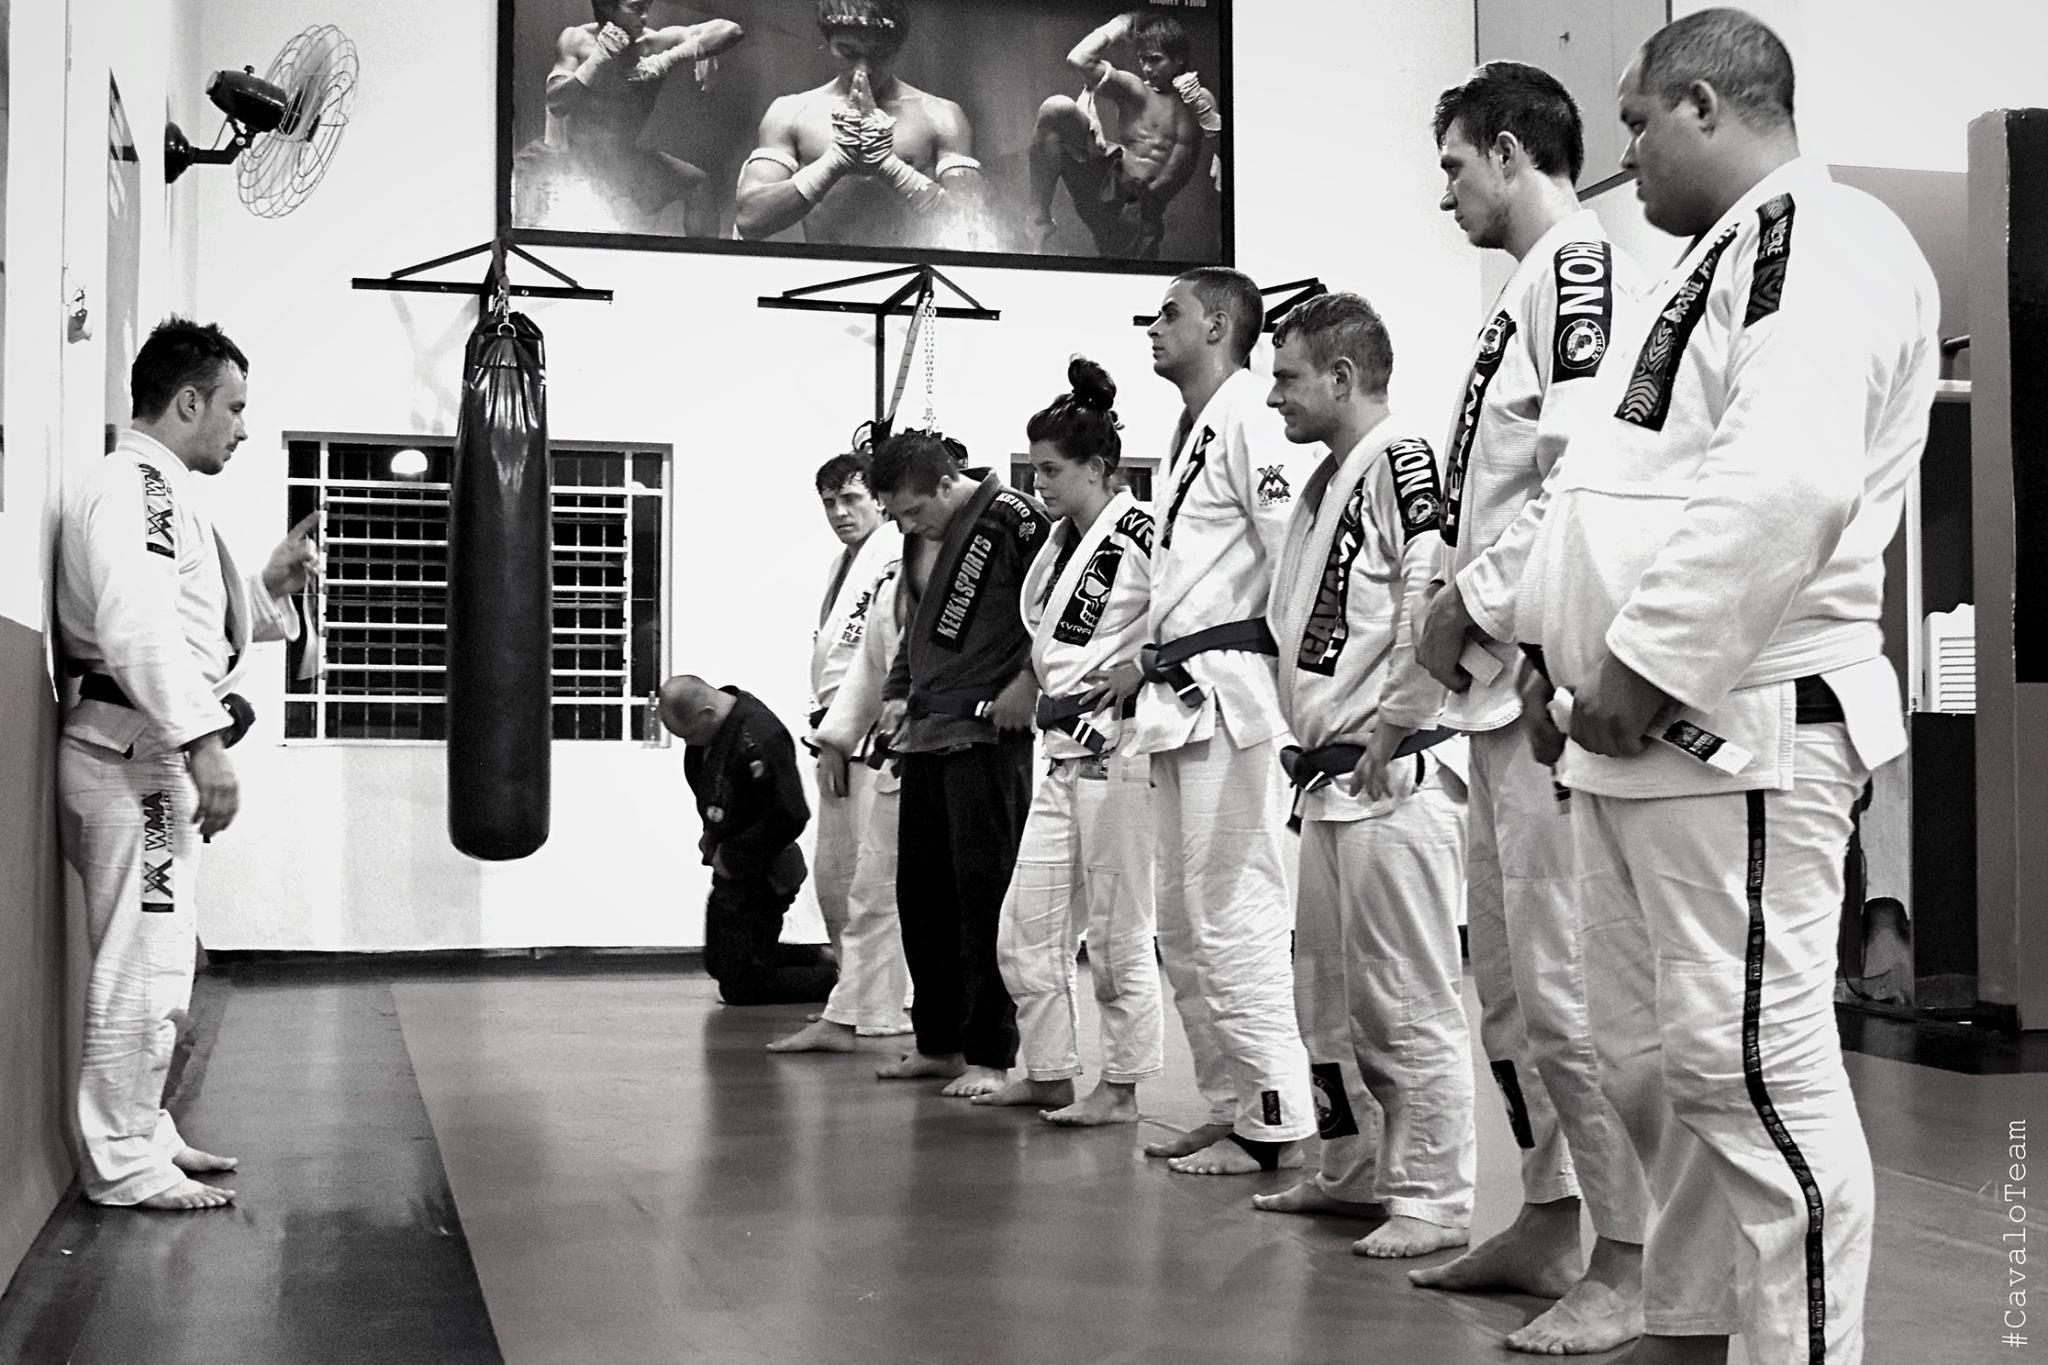 Viver do jiu jitsu ou viver o jiu jitsu?